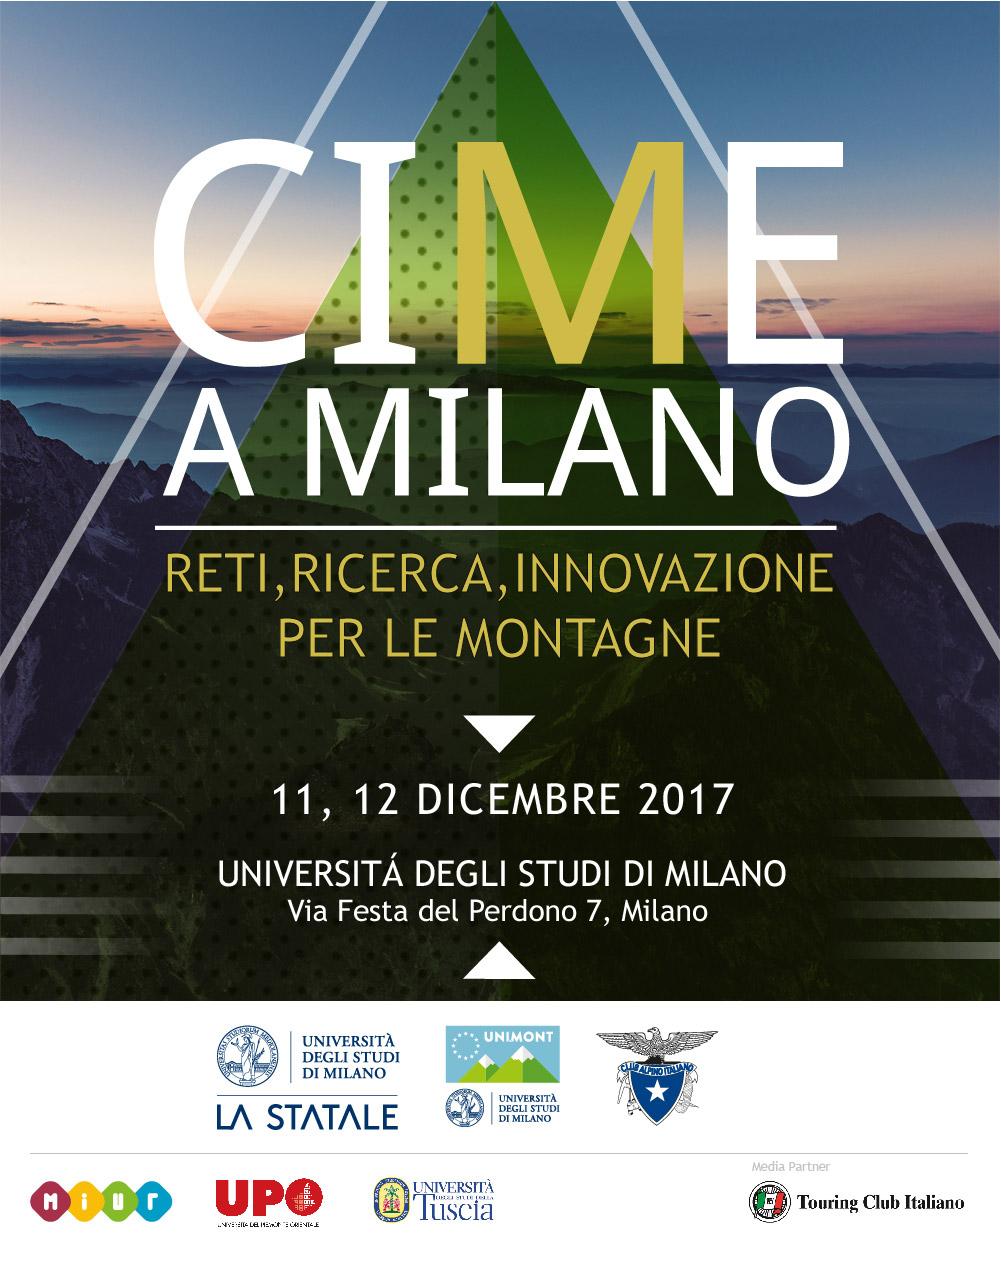 Cime a Milano